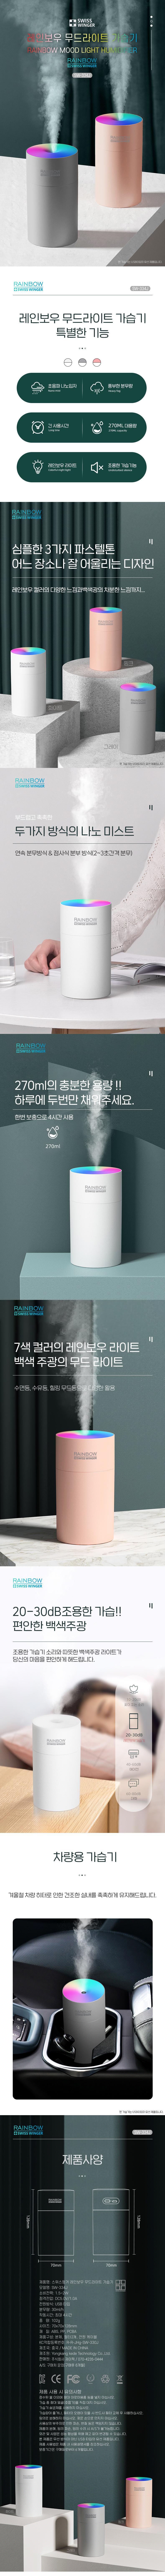 RAINBOWHUM.jpg